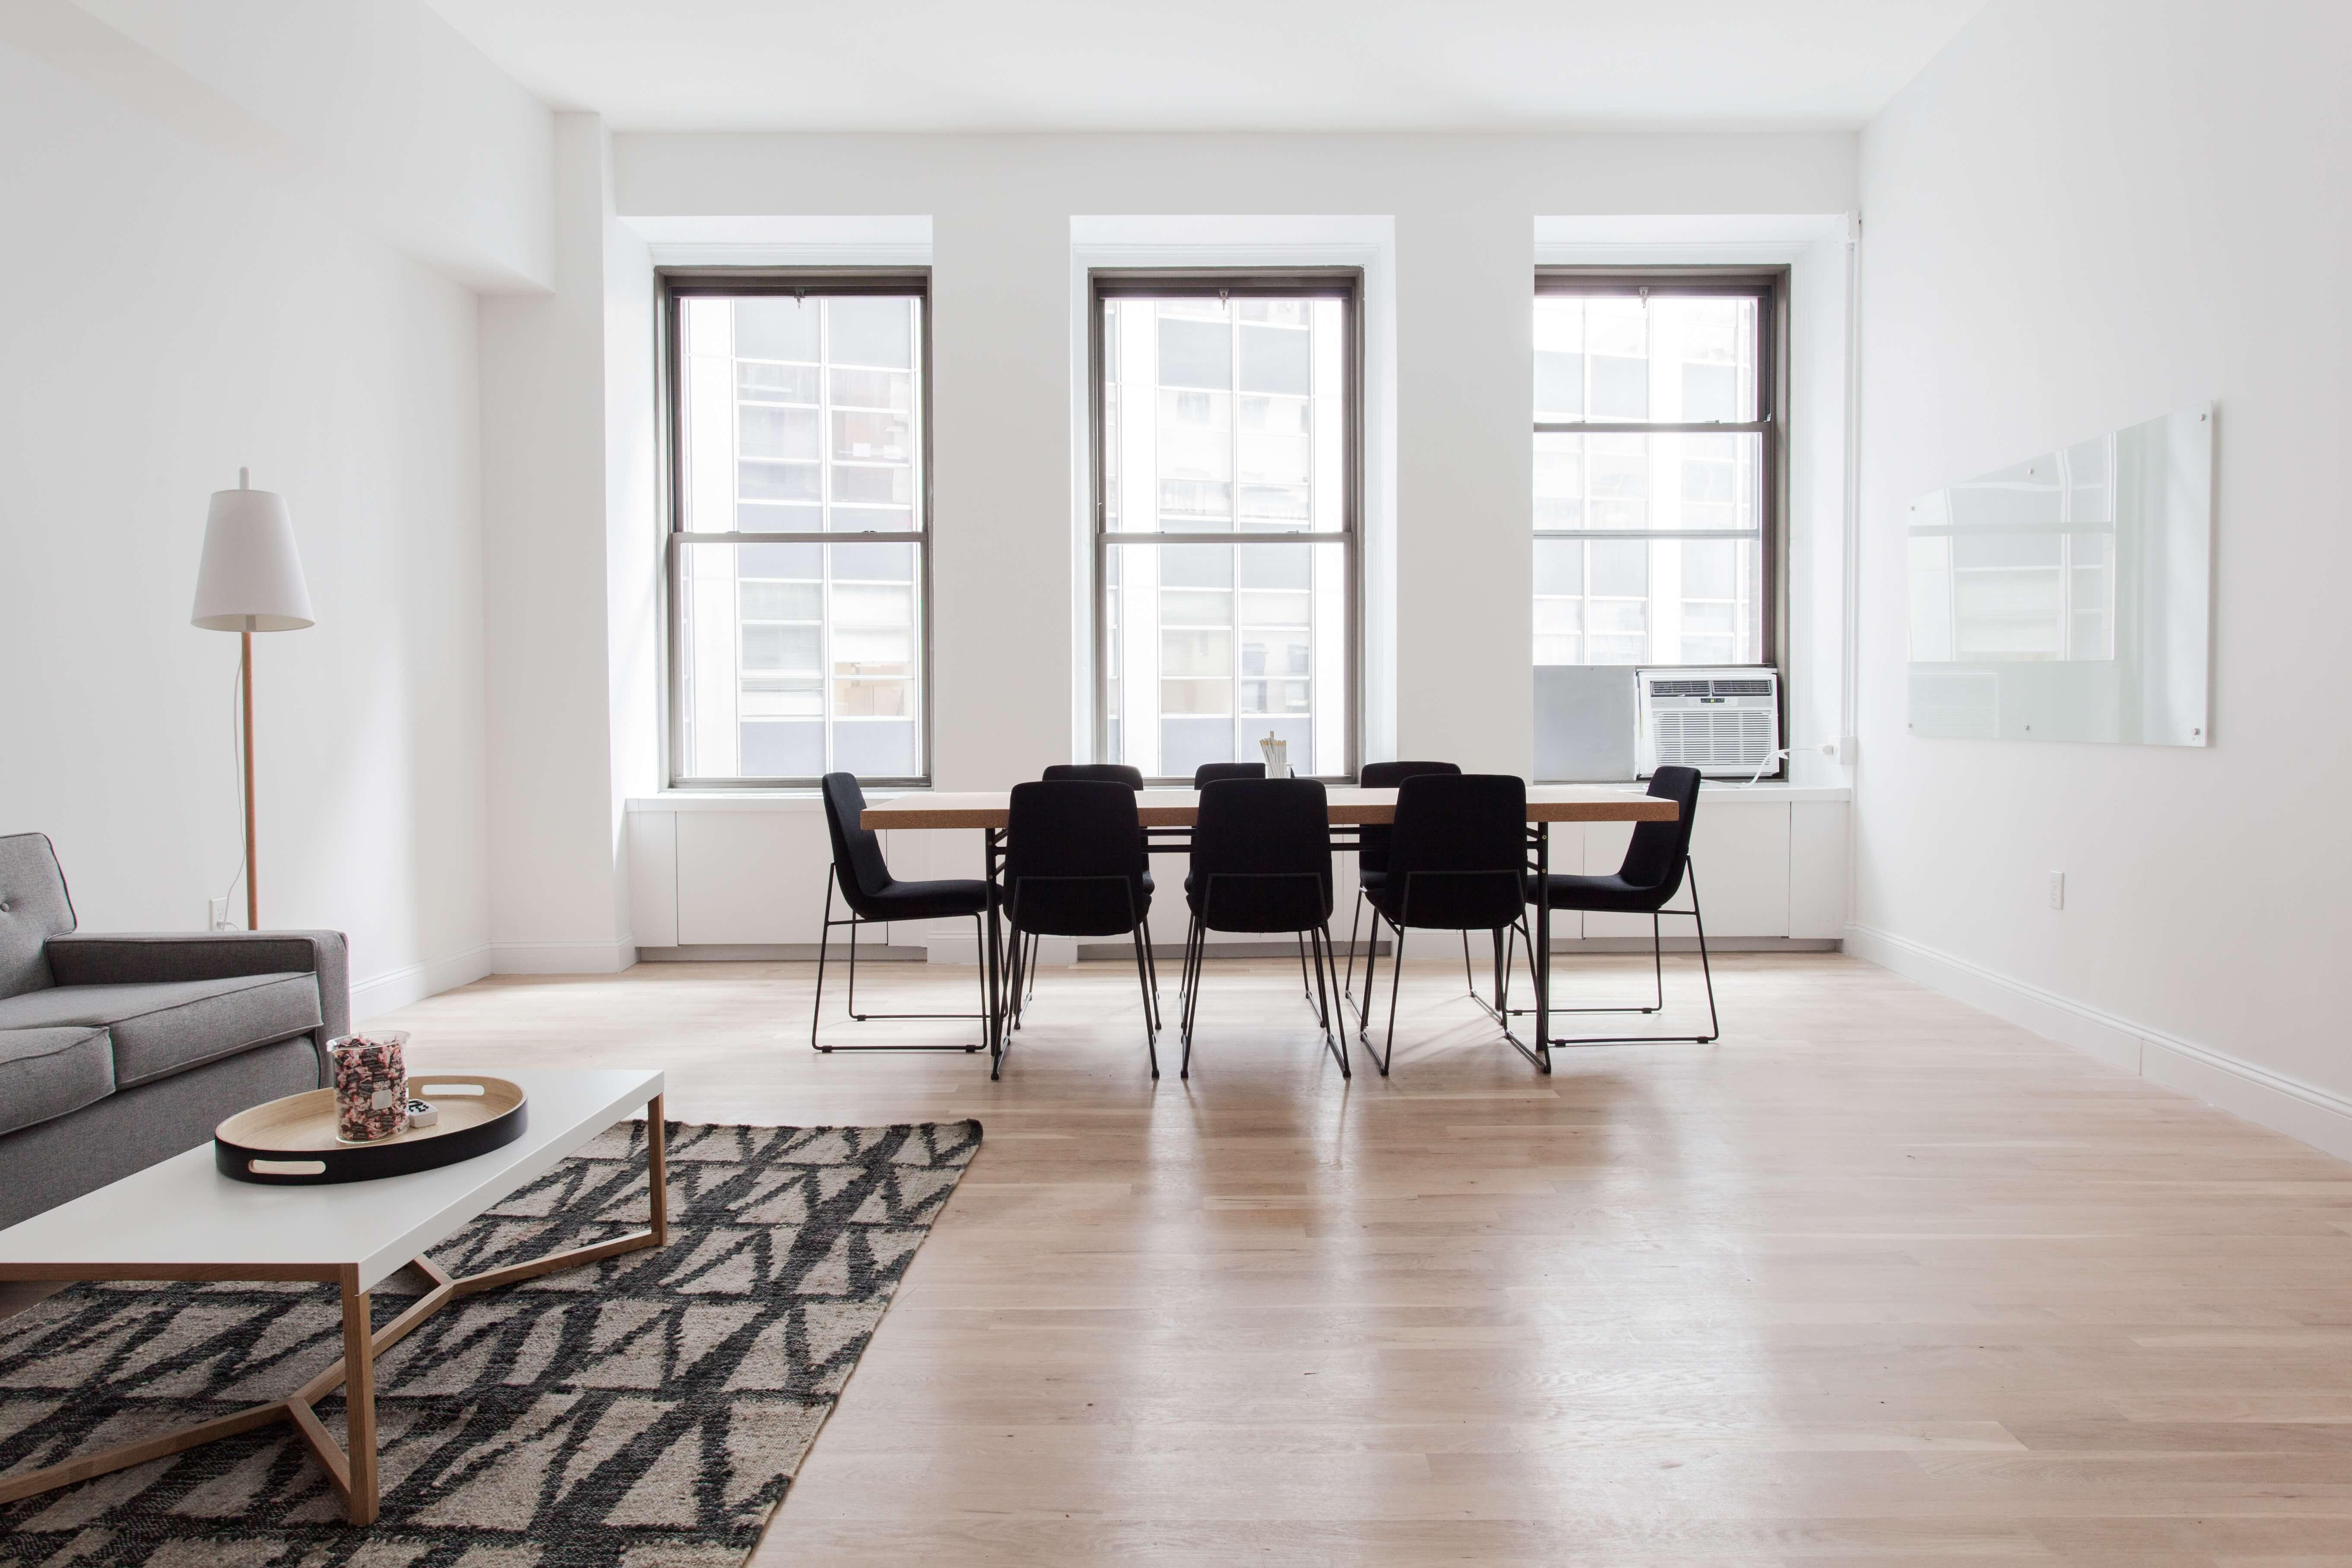 Ik wil een vloer leggen in mijn nieuwe woning!